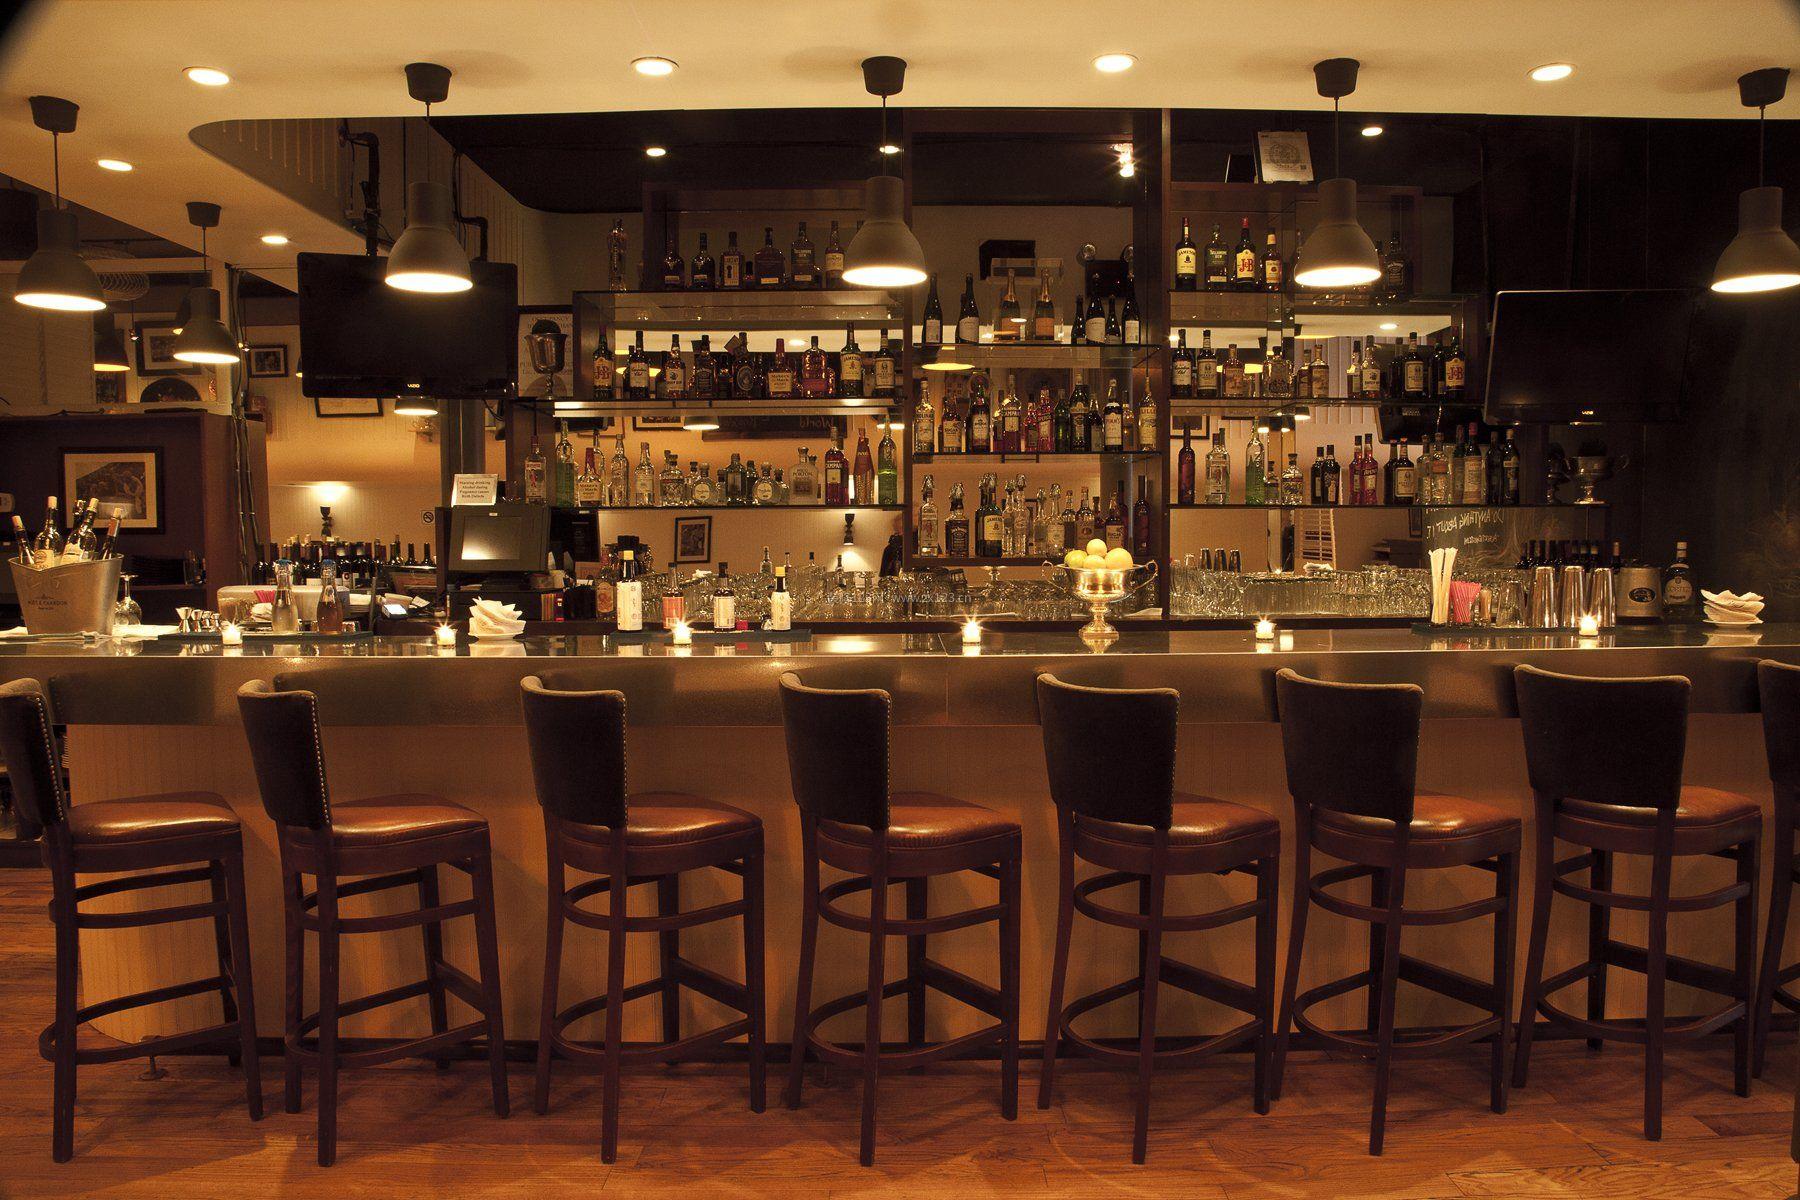 沉稳复古风格酒吧吧台装修效果图